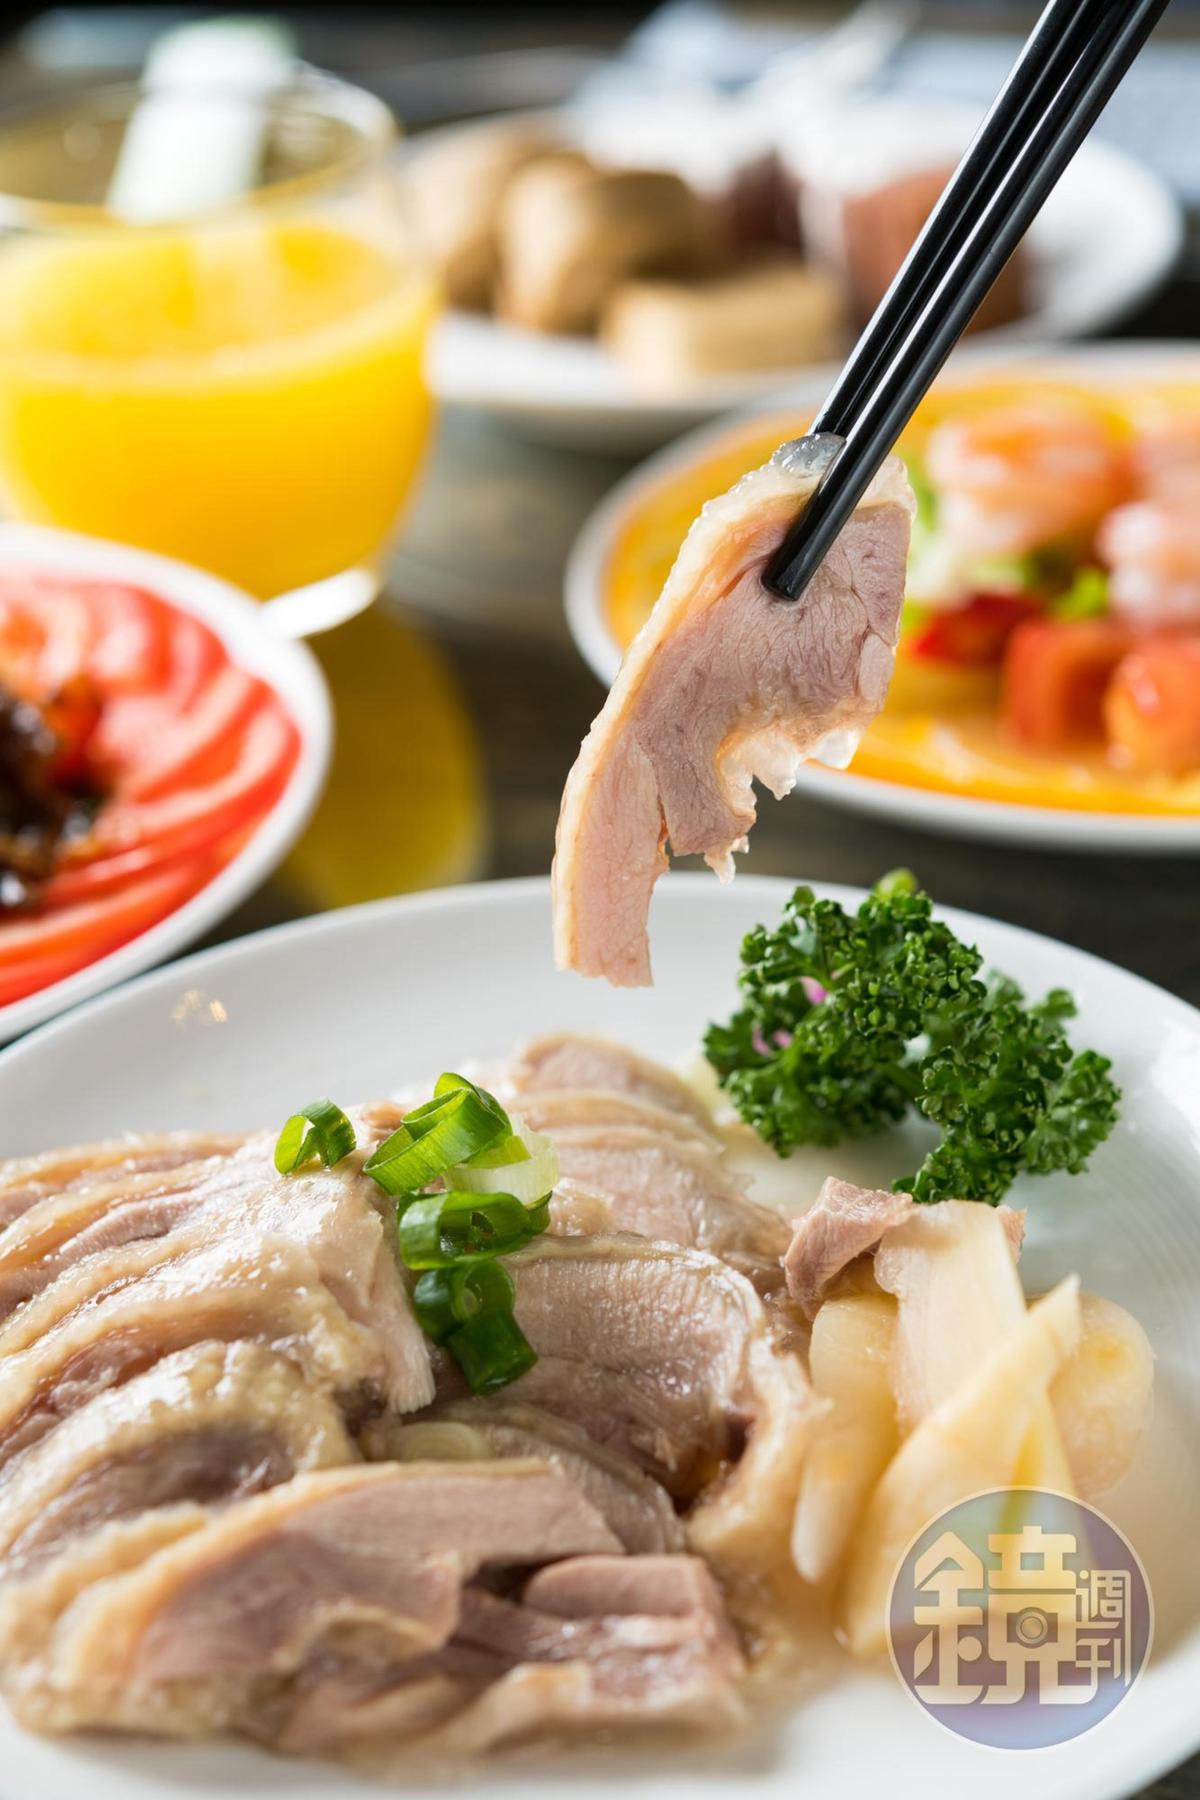 雙人套餐五菜一湯,以客家及台菜為主。(900元/2人份)